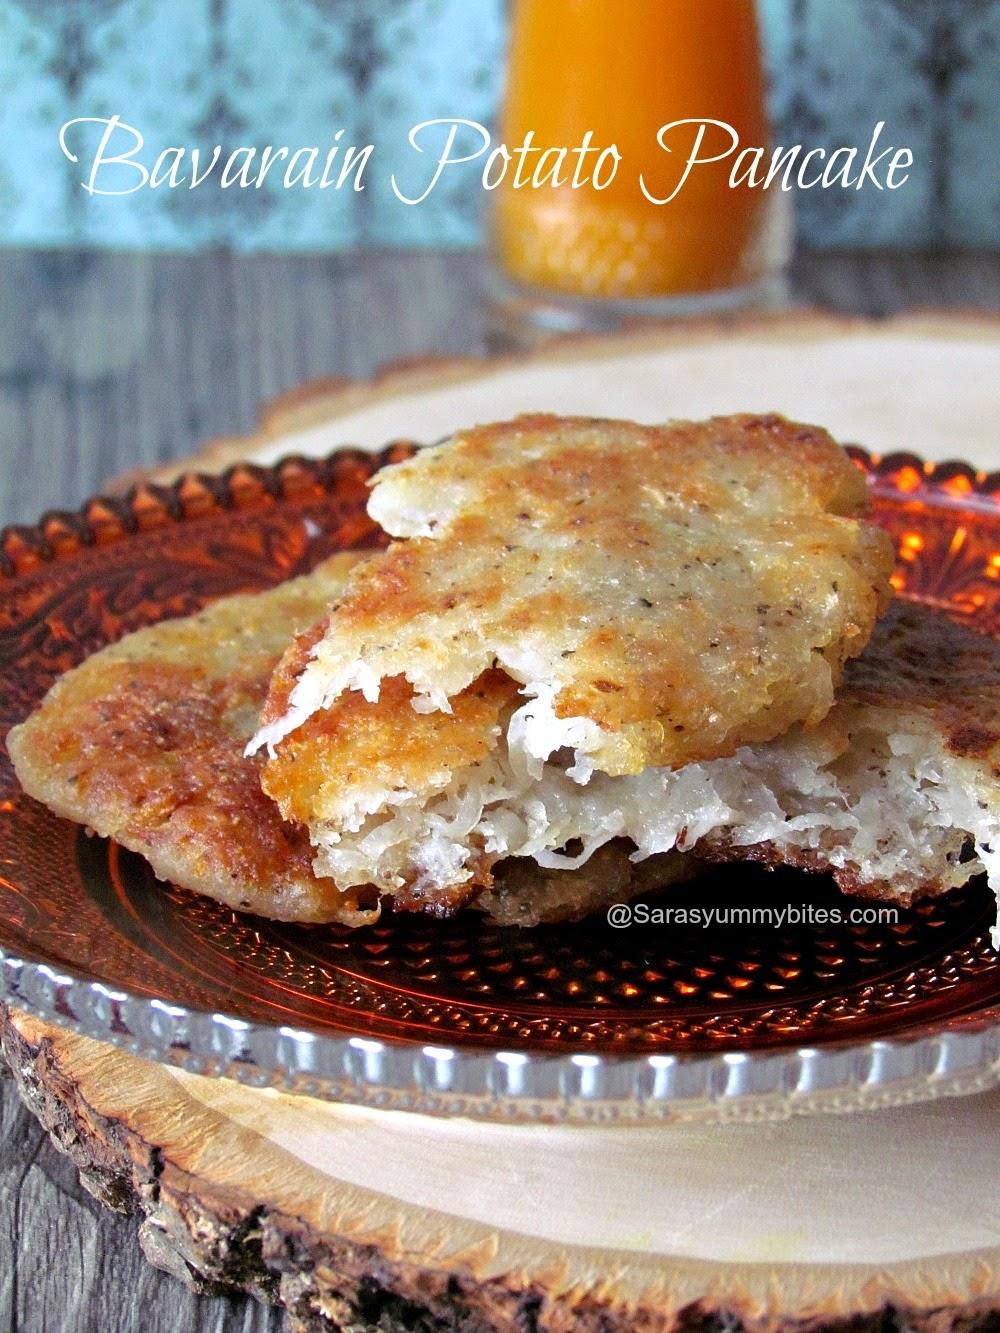 Bavarain Potato Pancake